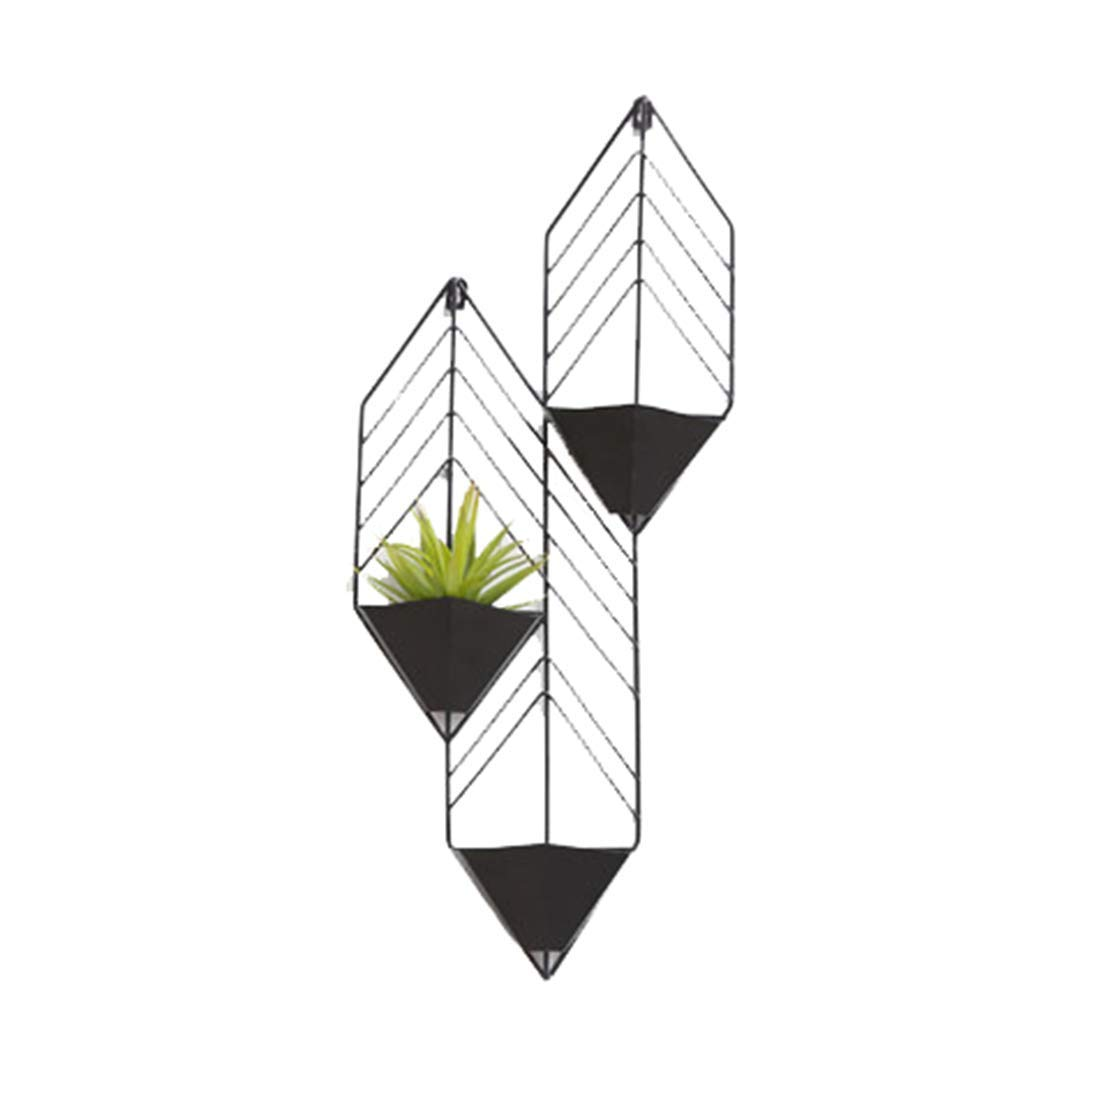 ZHILIAN® Kreative An Der Wand Befestigte Metallschmiedeeisen-Blaumenstandplatz Einfache Europäische Schwarz Orange Rote Familienwohnzimmerschlafzimmer-Multifunktionsgestell ( Farbe   Schwarz) Schwarz